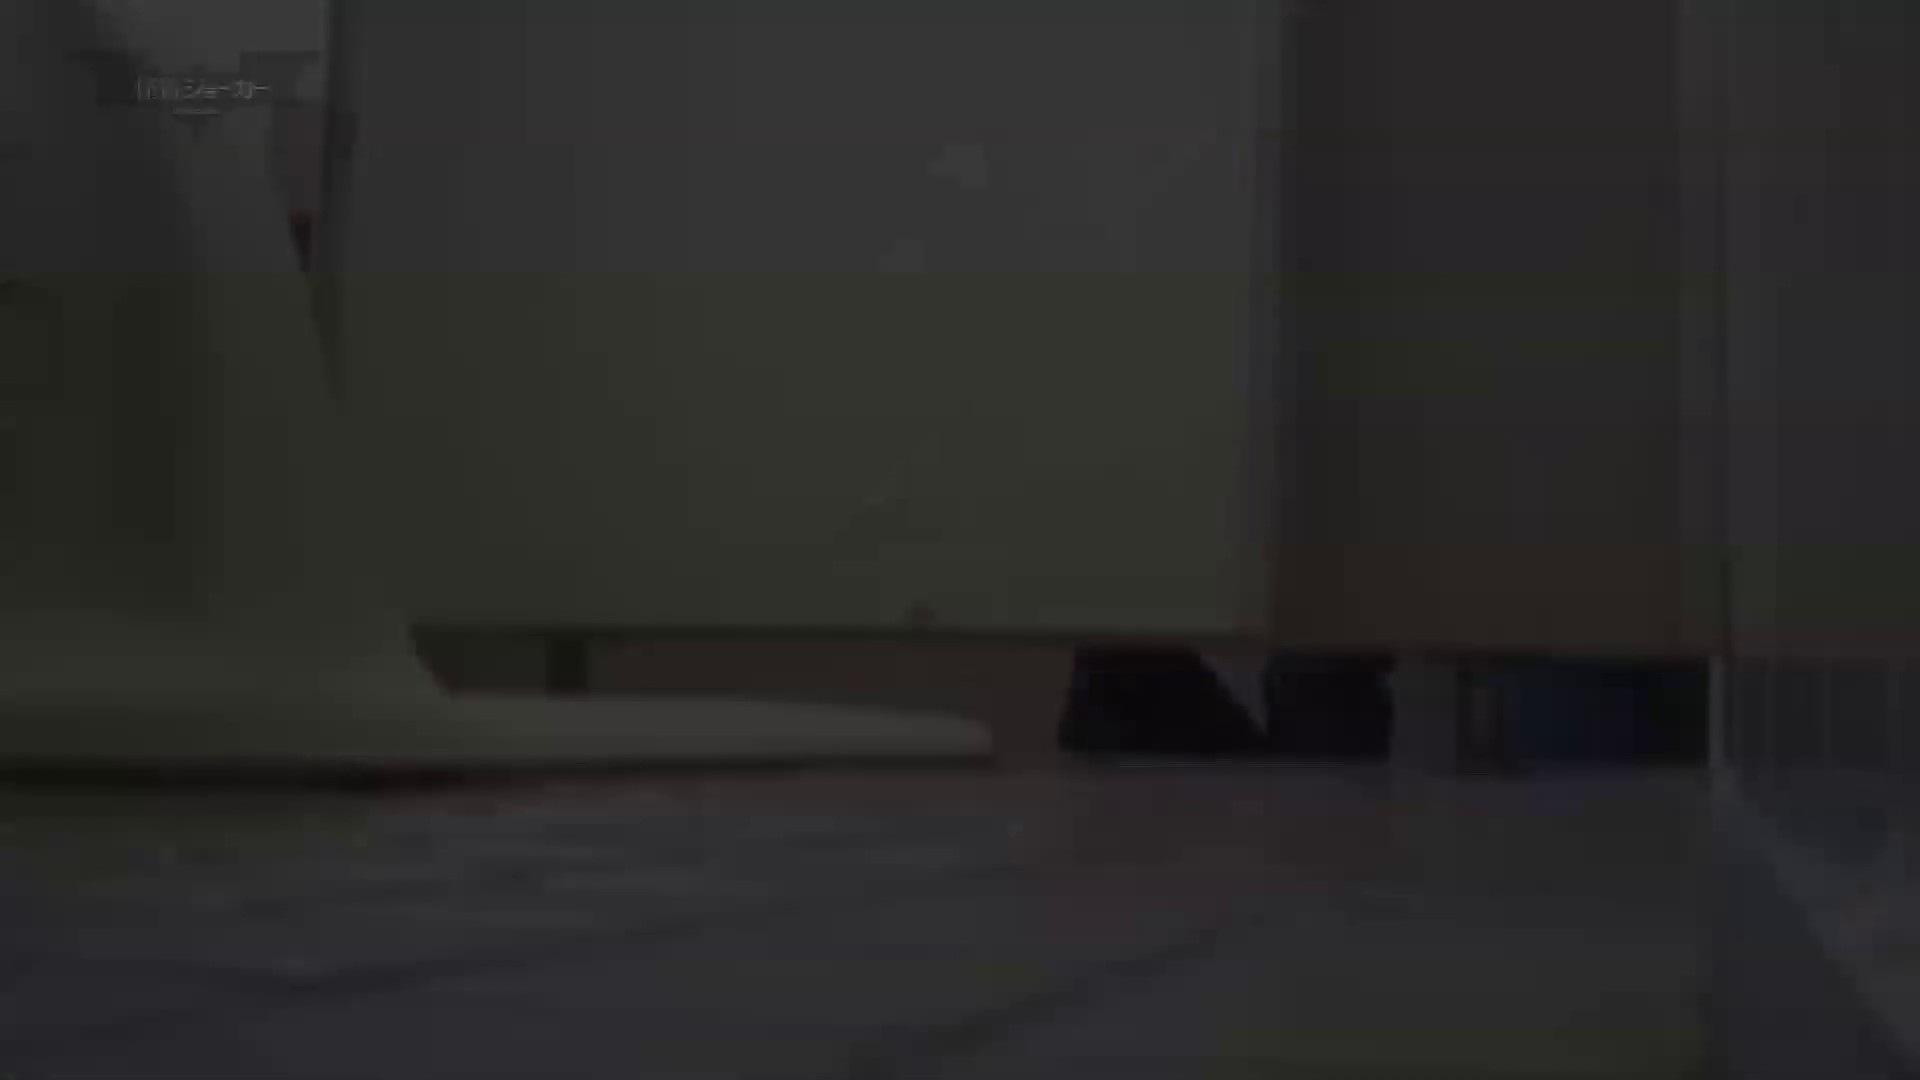 化粧室絵巻 番外編 VOL.03 銀河さん庫出し映像!!映像が・・・。 洗面所 スケベ動画紹介 105画像 103